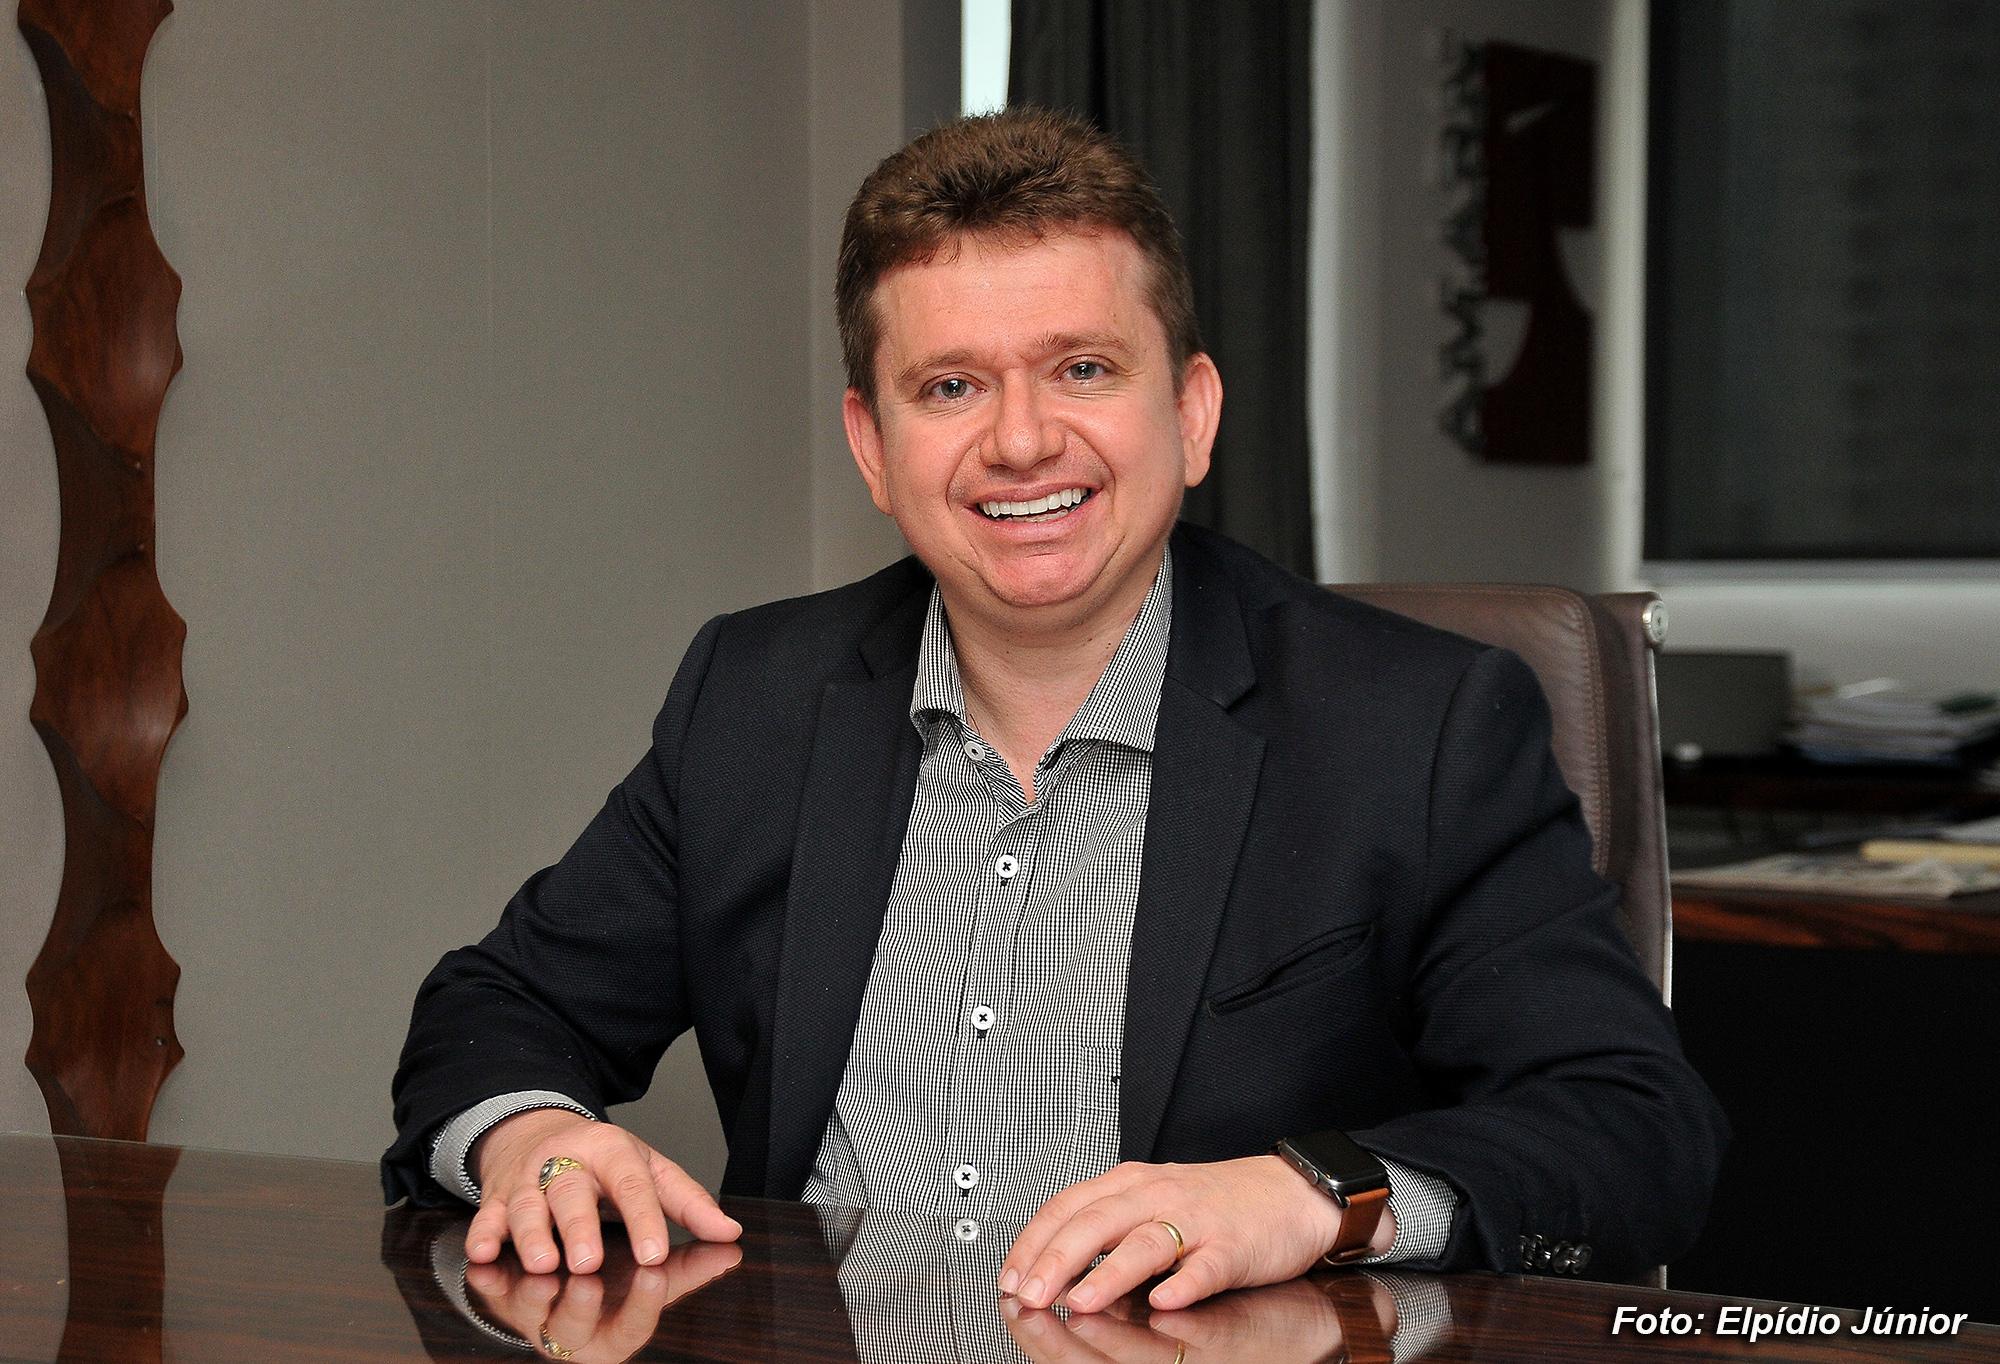 Juiz Herval Sampaio Júnior assume Presidência da AMARN em solenidade nesta sexta-feira, 23